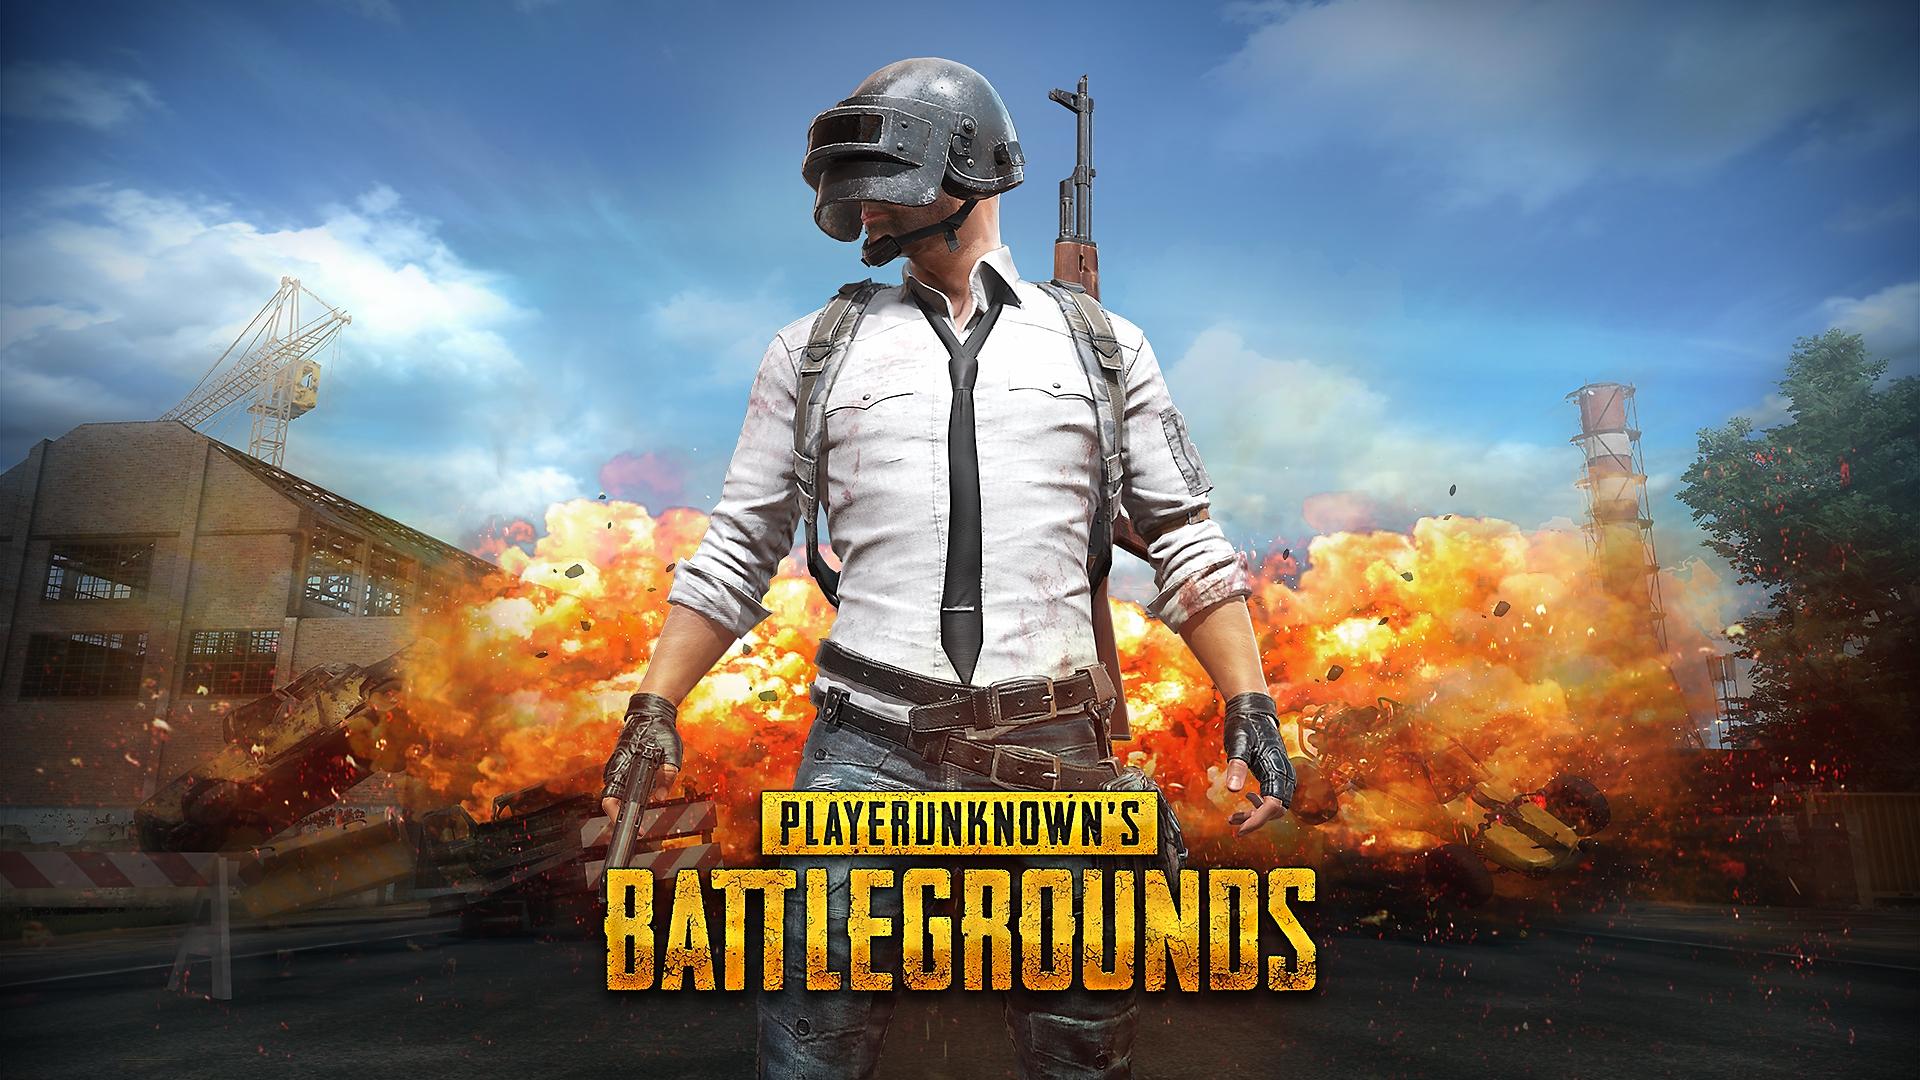 PlayerUnknowns Battlegrounds - Announcement | PS4